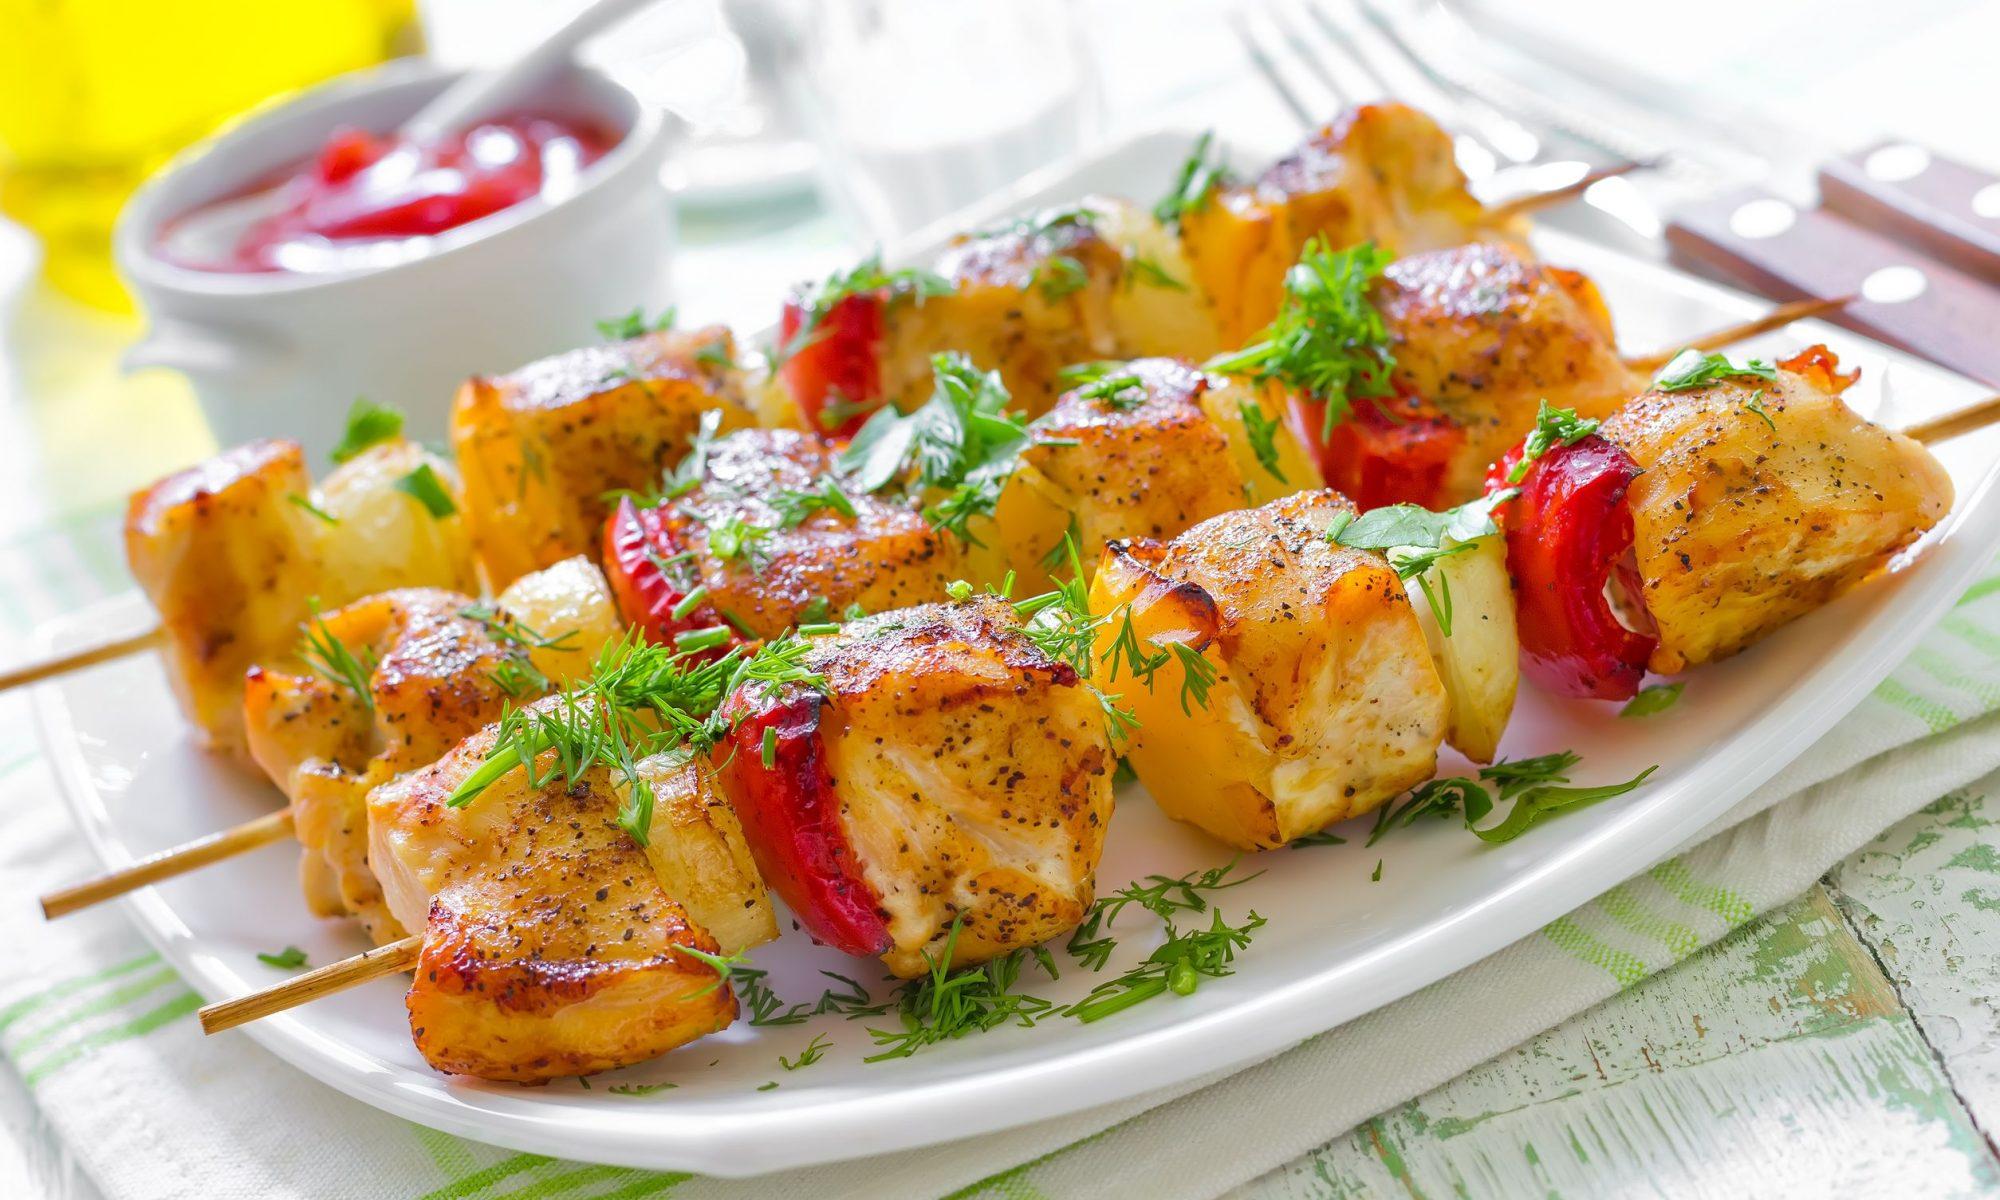 Кебаб из курицы с цуккини, сладким перцем и красным луком